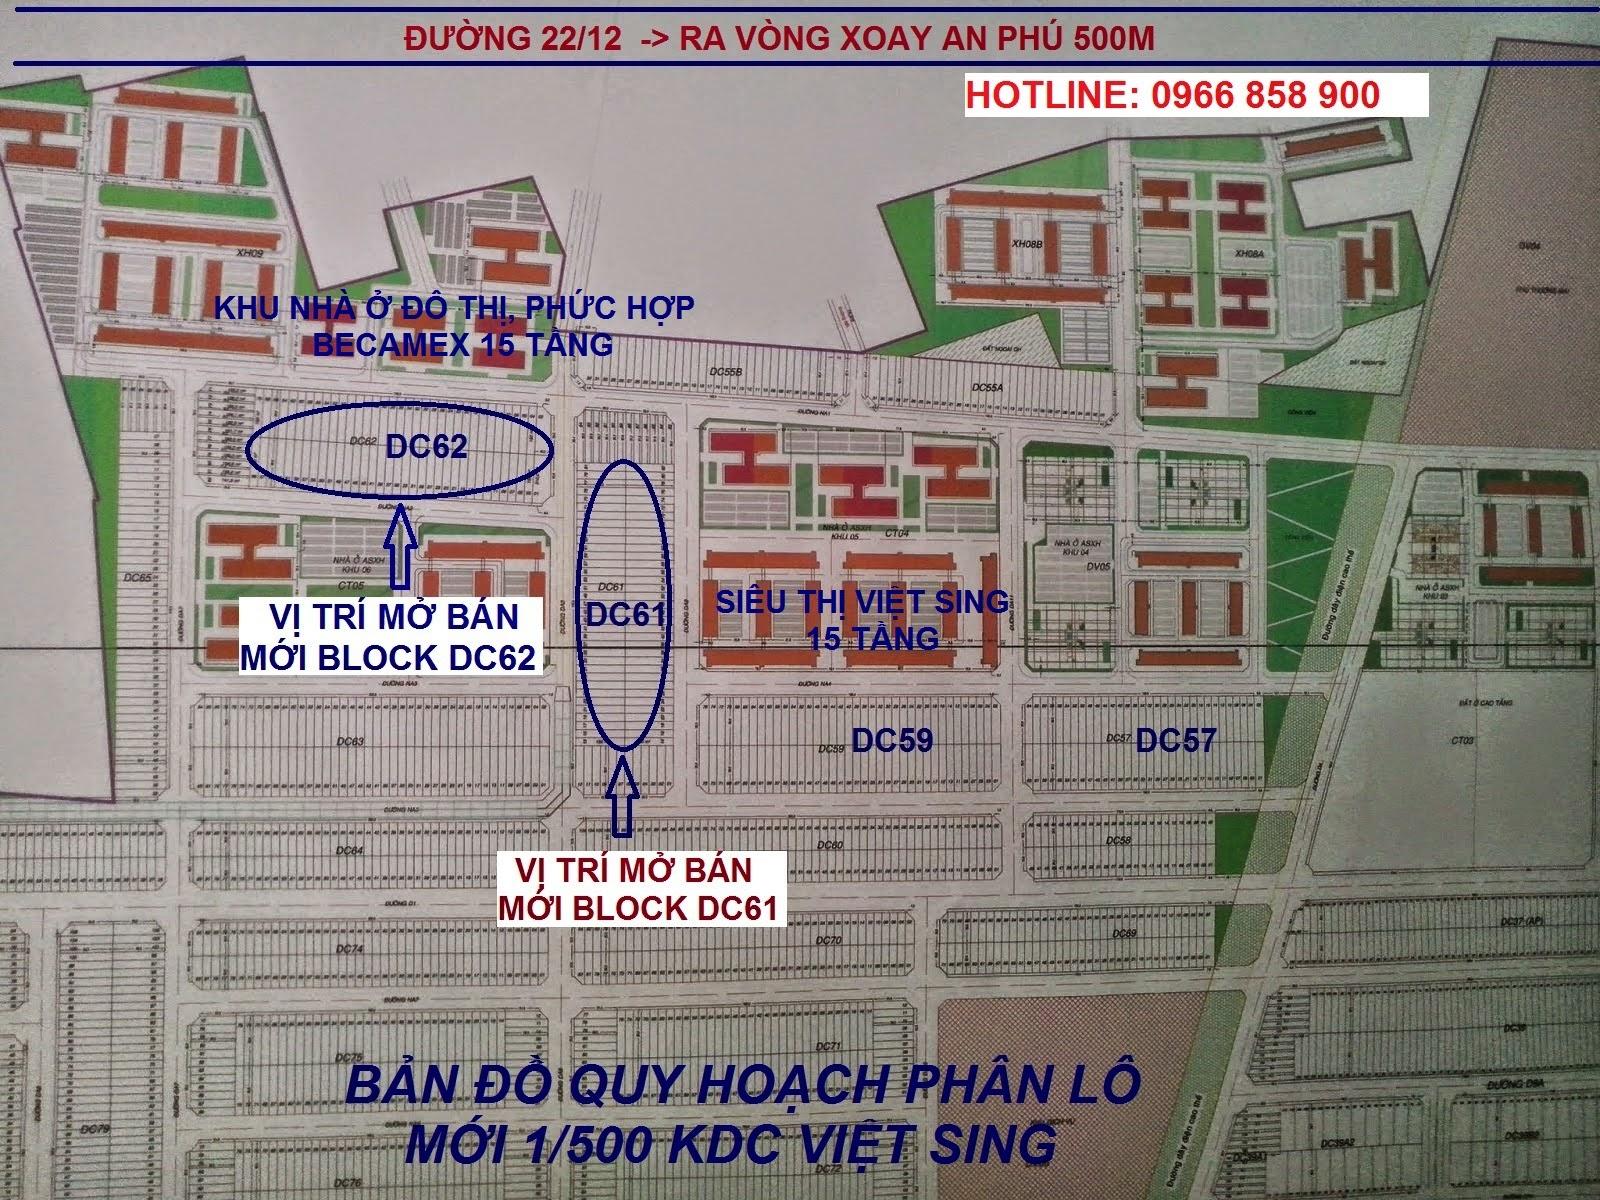 Đất nền Việt Sing, VSIP 1 Bình Dương ảnh 3